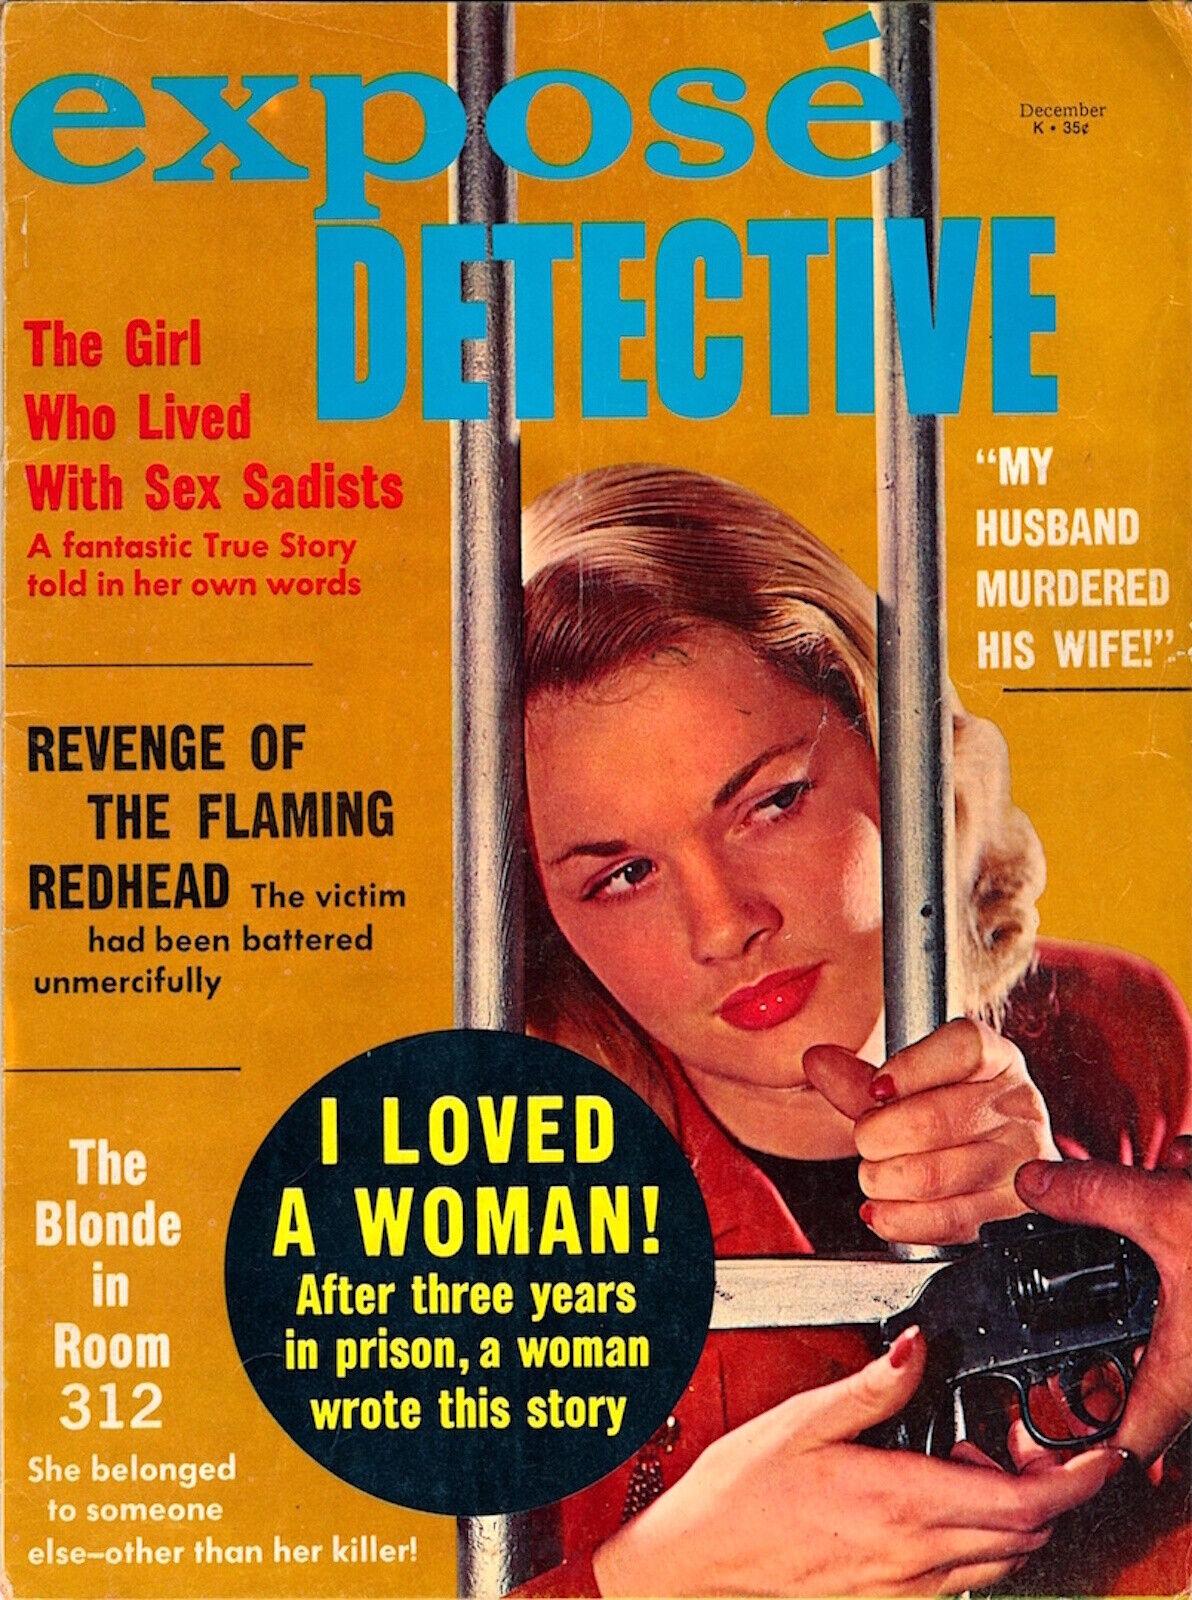 EXPOSE DETECTIVE December 1967 Vtg Crime Magazine KABLE NEWS Prison Women 125954 - $25.00